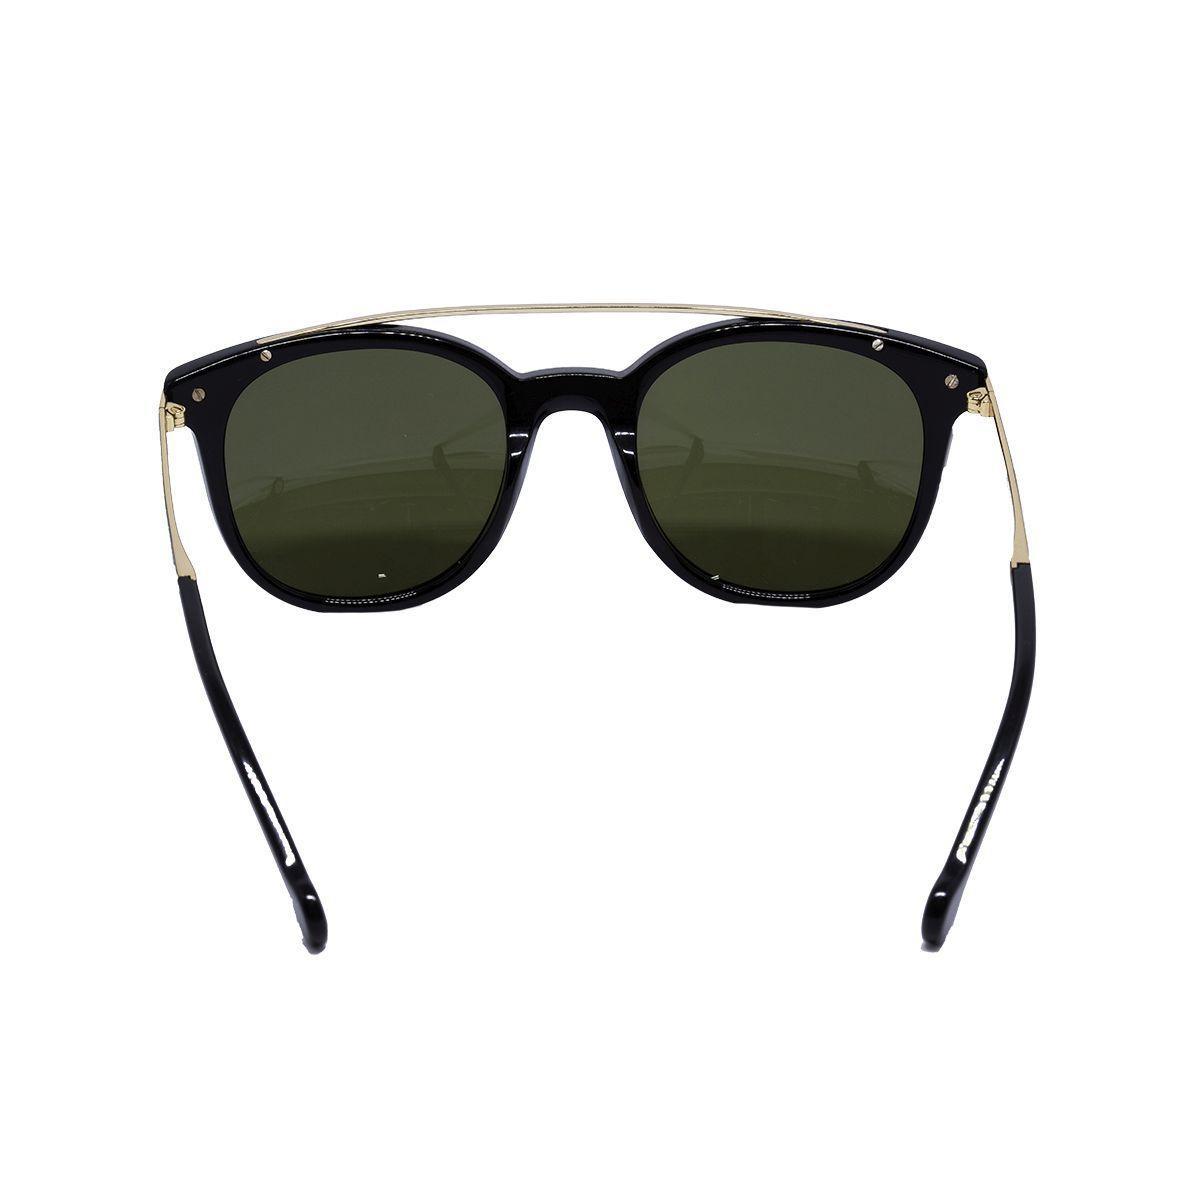 2572932747e52 Óculos de Sol Carolina Herrera Feminino SHE690 - Acetato Preto e Lente G-15  R  987,00 à vista. Adicionar à sacola